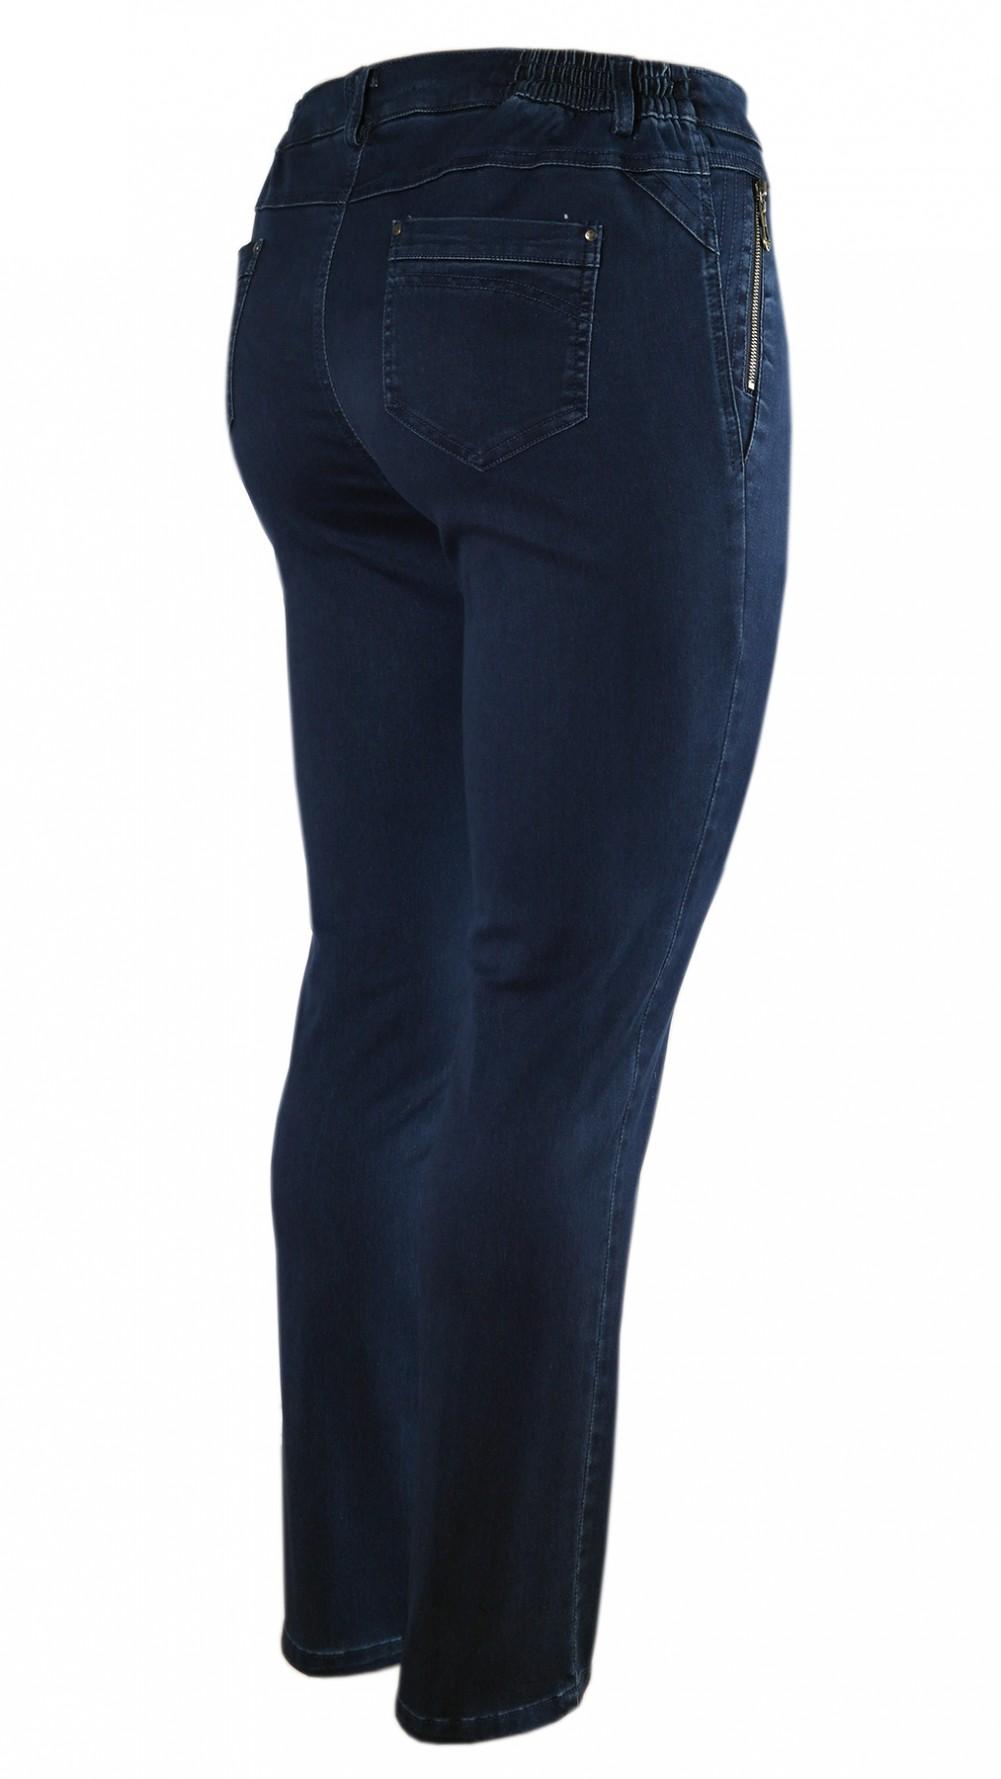 Damen Stretch-Jeans mit seitlichem Dehnbund - Navy